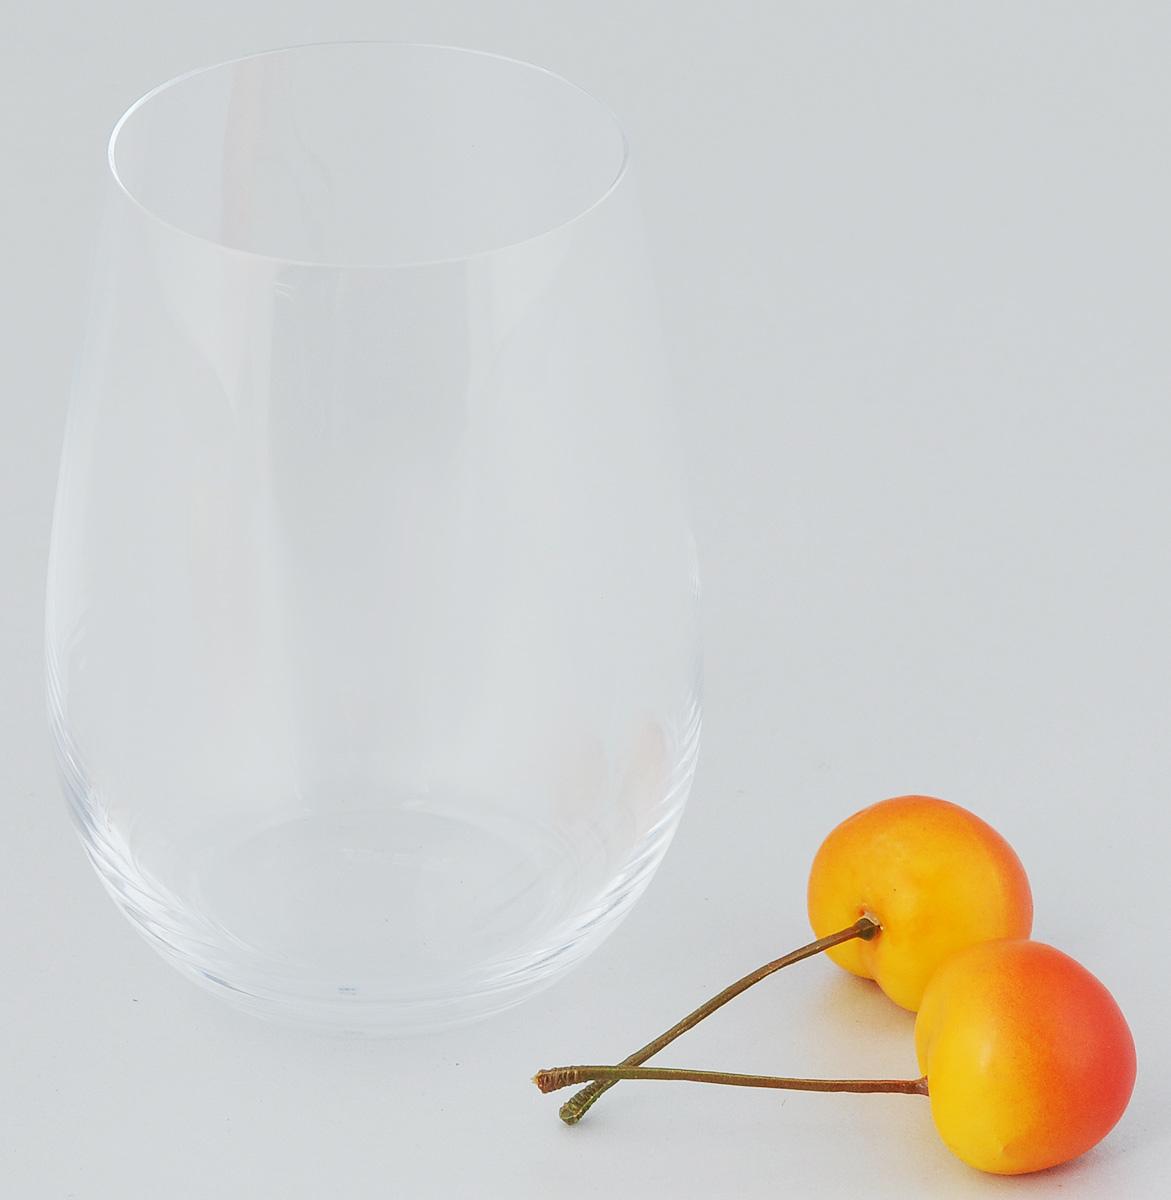 Бокал Riedel White Wine, 375 мл2414/22Бокал Riedel White Wine выполнен из прочного стекла и предназначен для подачи белого вина. Он сочетает в себе элегантный дизайн и функциональность. Благодаря такому бокалу пить напитки будет еще вкуснее. Бокал Riedel White Wine прекрасно оформит праздничный стол и создаст приятную атмосферу за романтическим ужином. Такой бокал также станет хорошим подарком к любому случаю. Диаметр бокала (по верхнему краю): 5,8 см. Высота бокала: 10,5 см.